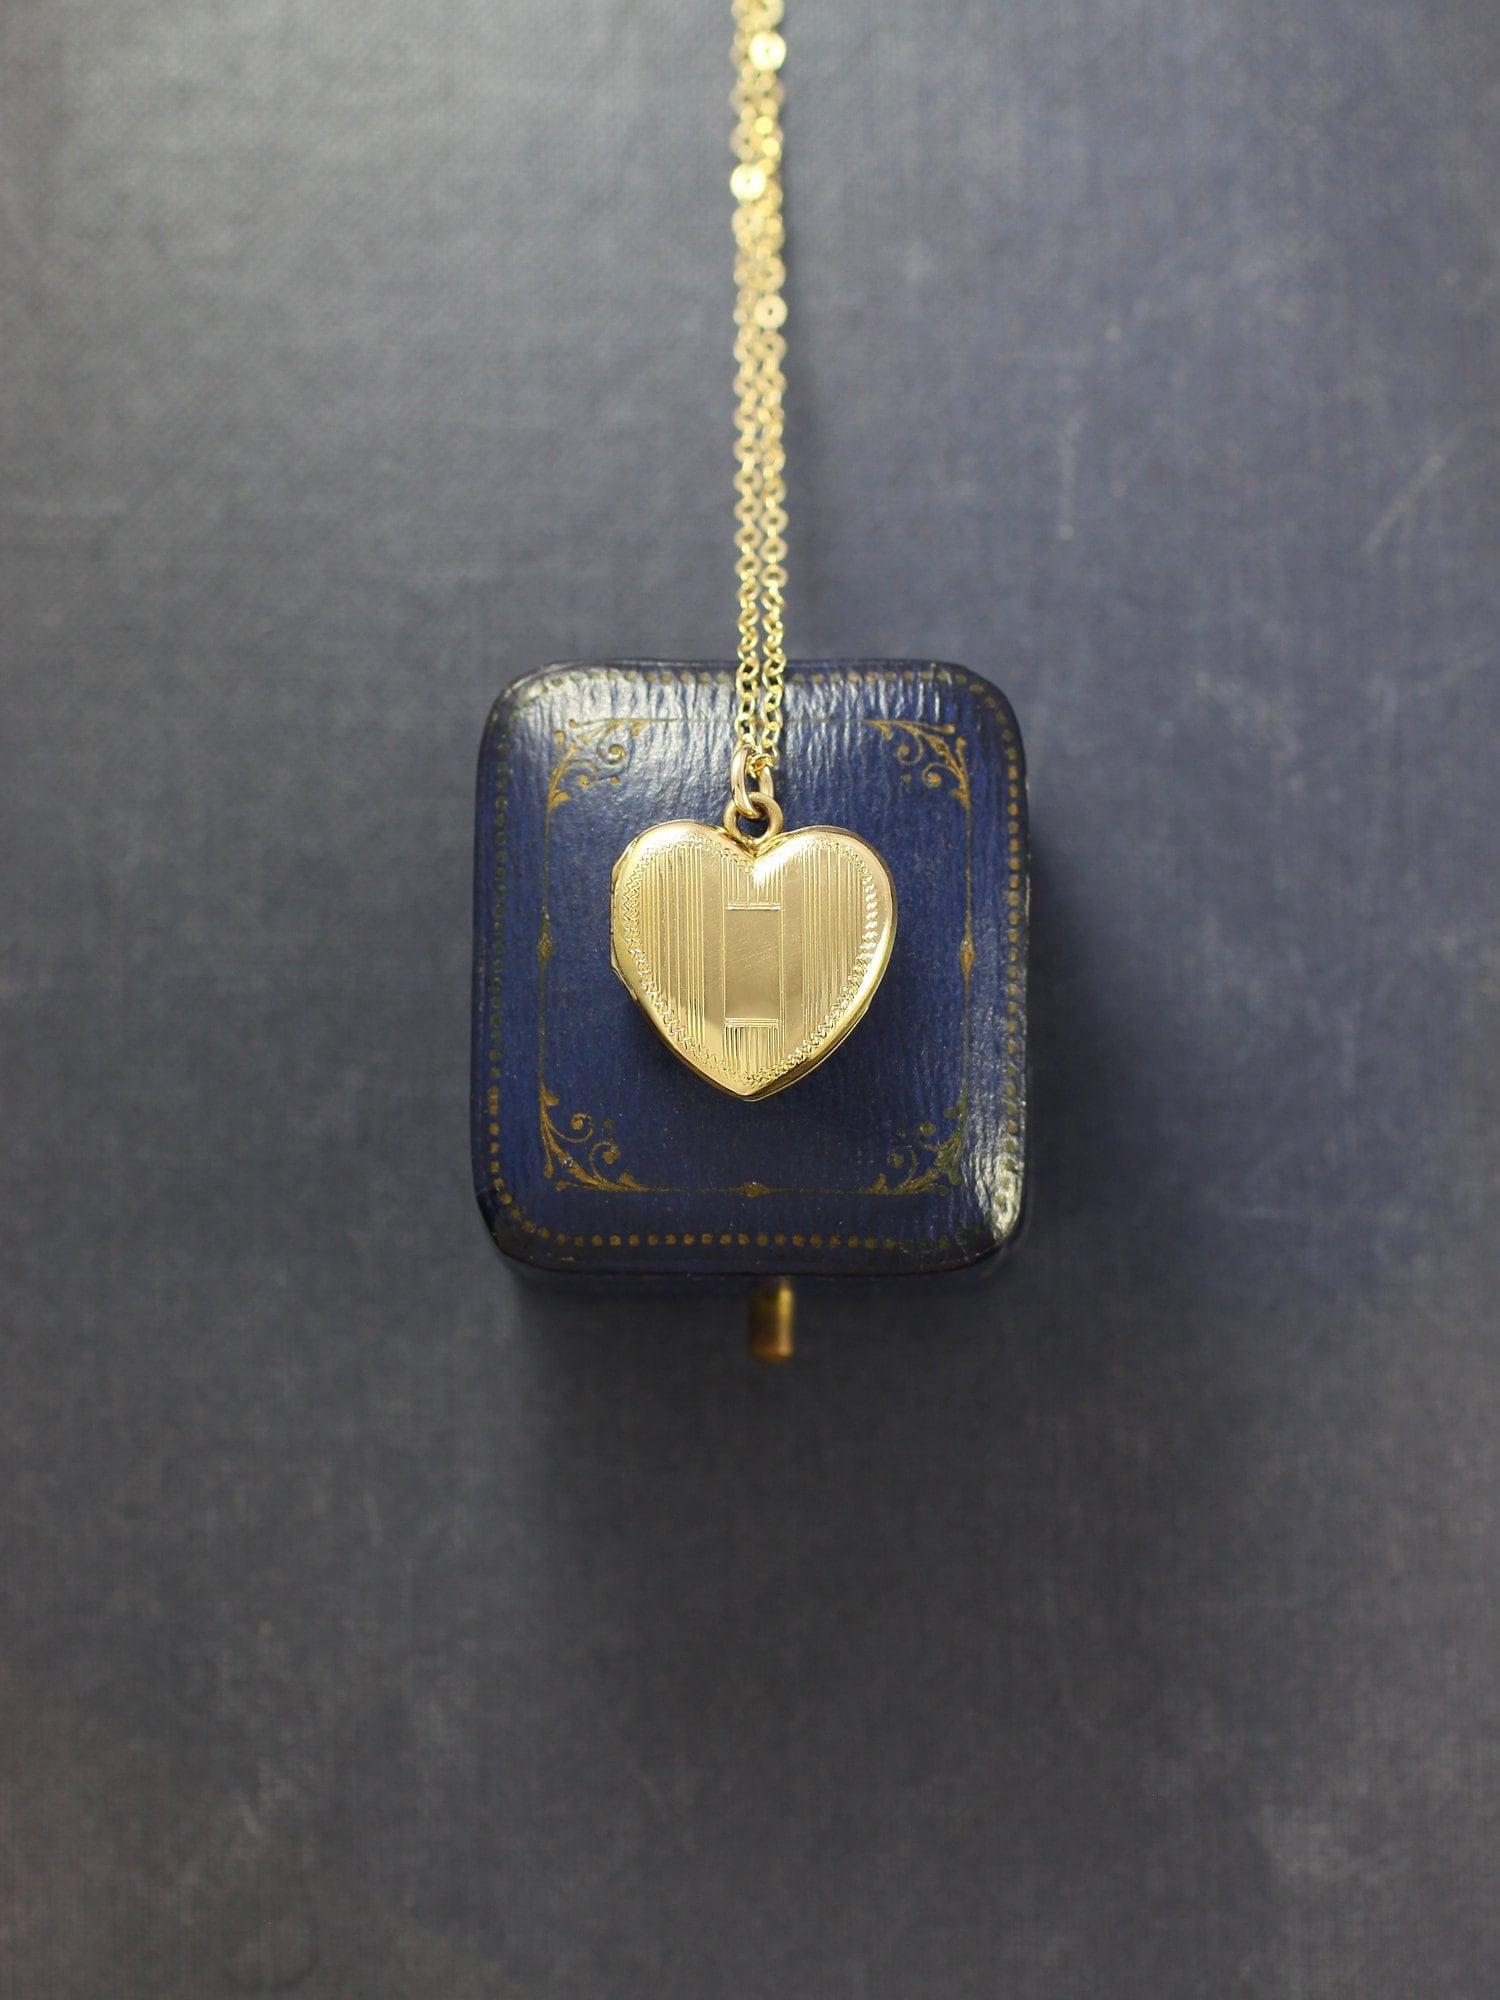 Gold Filled Heart Locket Necklace, Vintage Striped Engraved La Mode